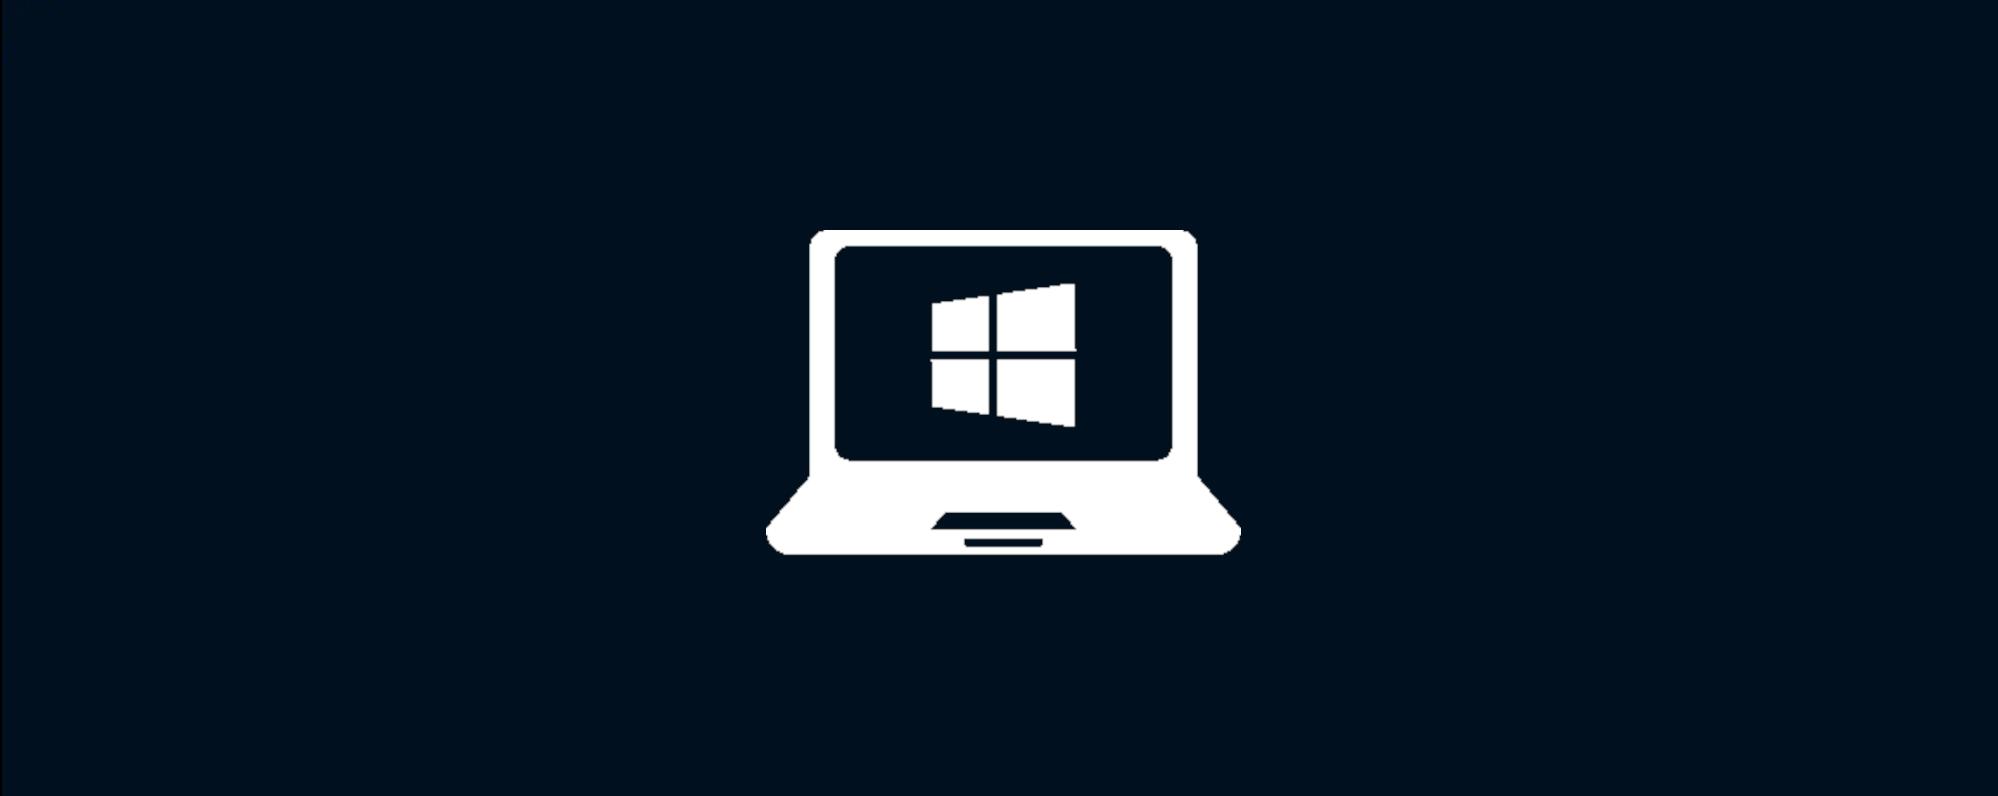 Prise en main d'un ordinateur sous Windows 10